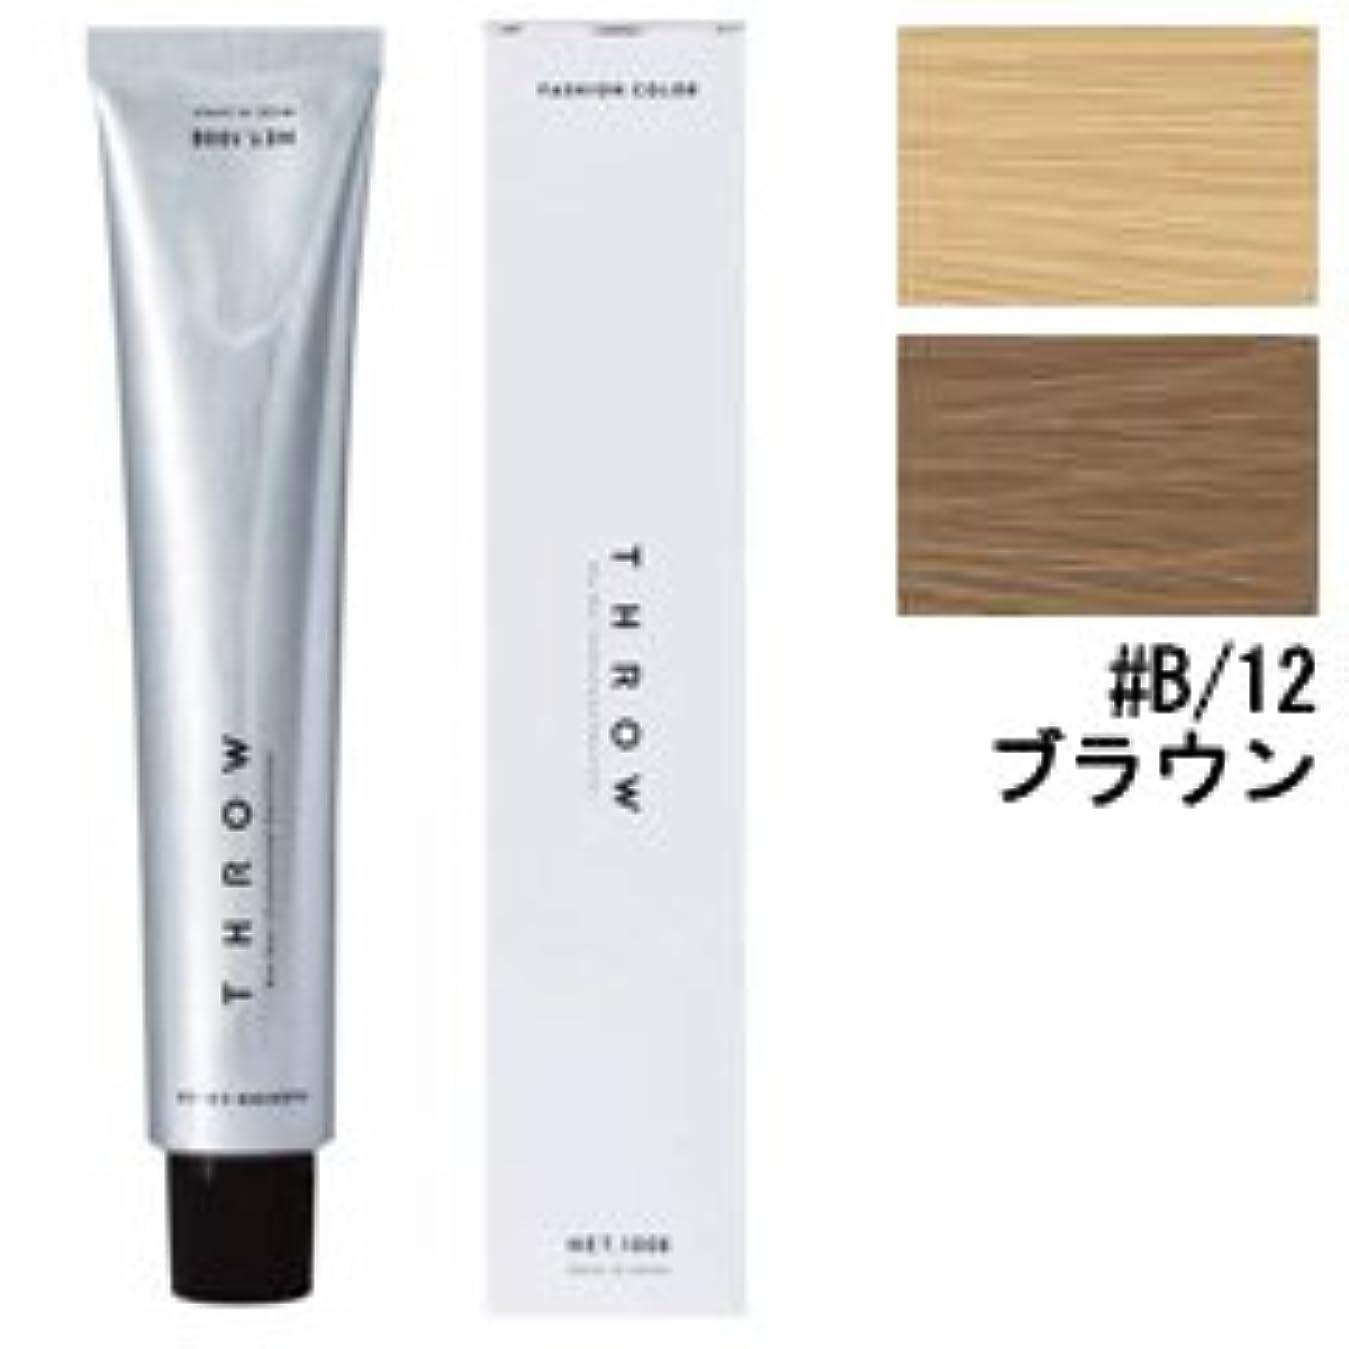 ステンレス小屋わずかに【モルトベーネ】スロウ ファッションカラー #B/12 ブラウン 100g